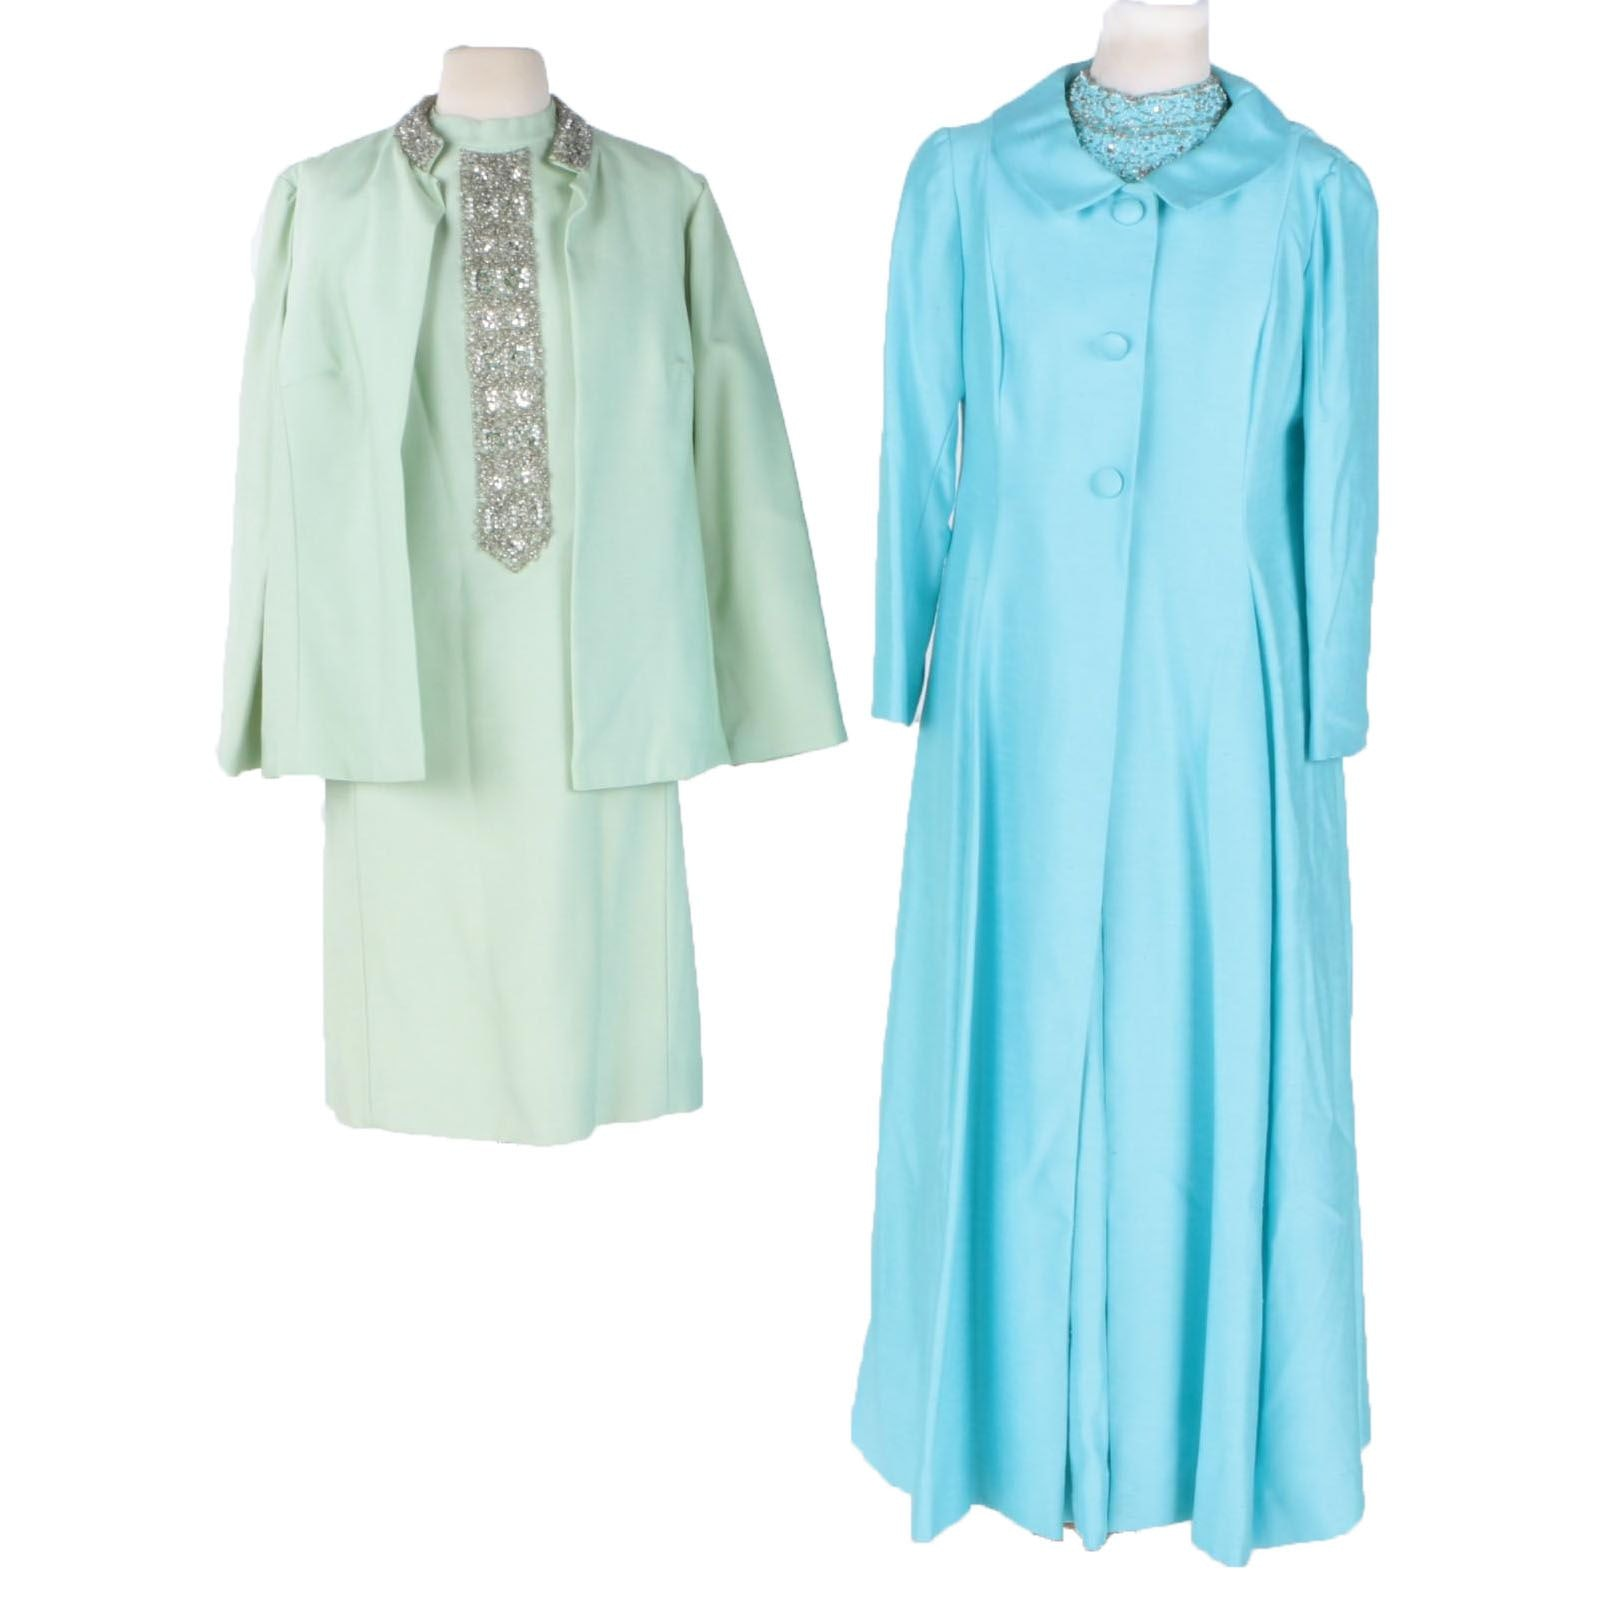 Vintage Formal Dress and Overcoat Sets